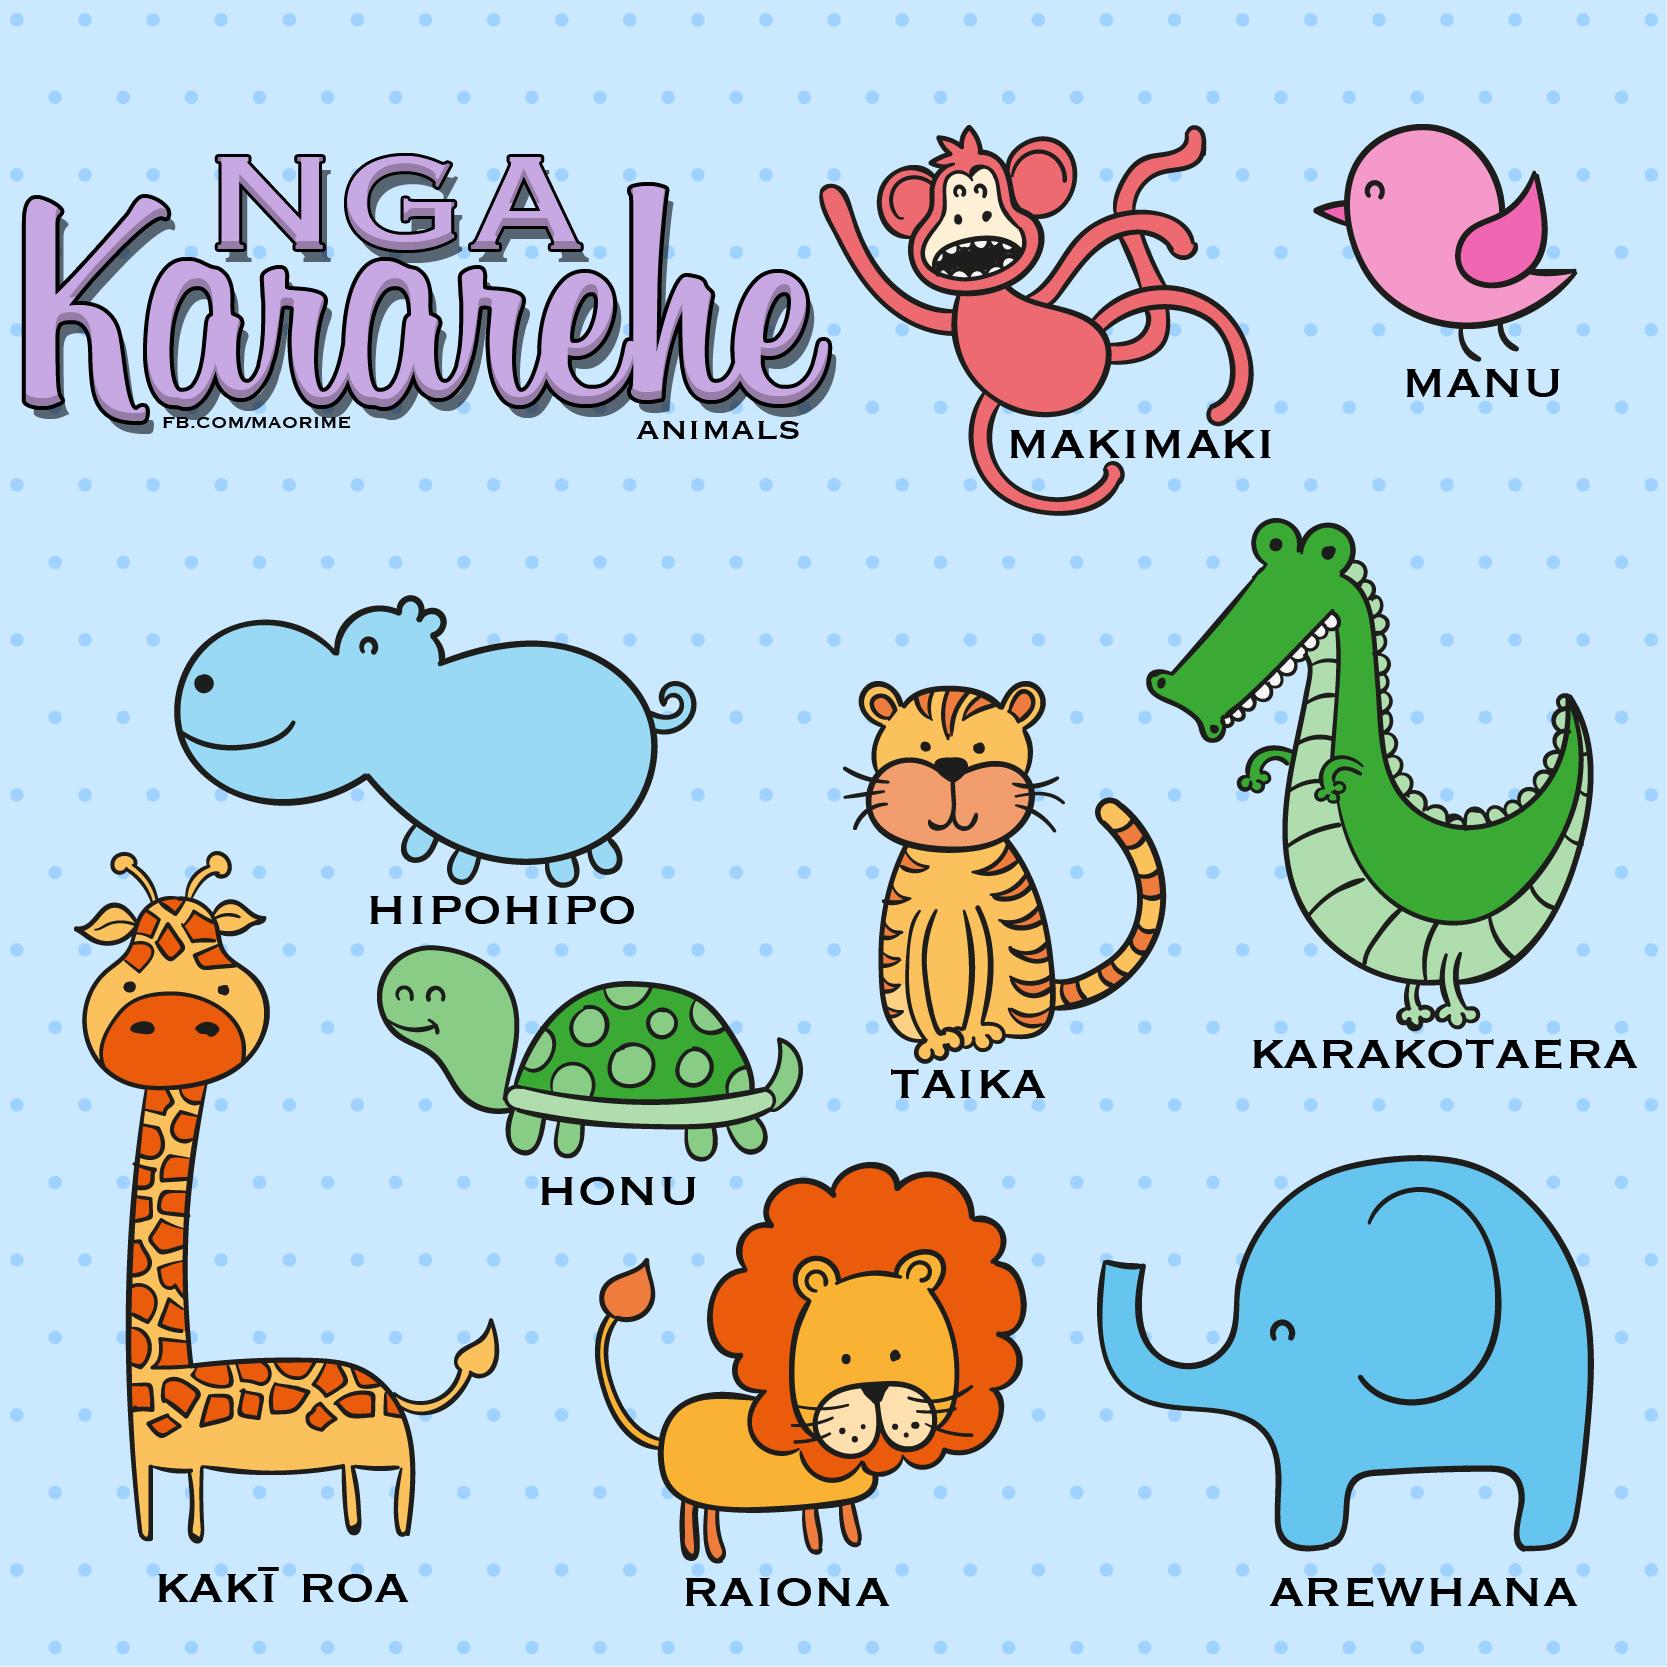 Animal Names In Maori Maori Songs Maori Cute Animals